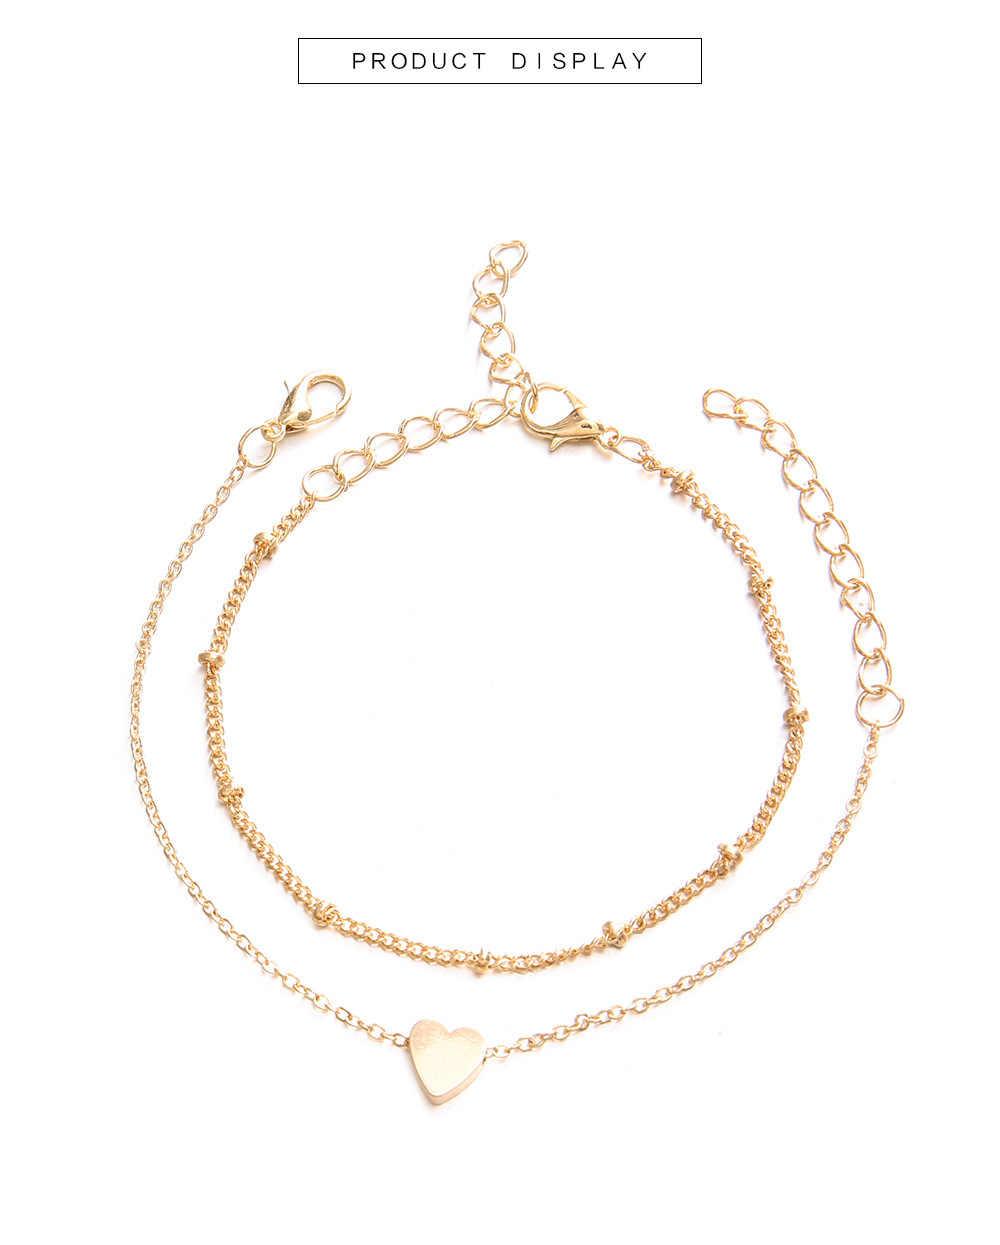 2 יח'\סט מינימליסטי זהב כסף צבע קטן אהבת קישור שרשרת צמידי ידידות נשים אהבת קסם צמידי צמידי תכשיטים